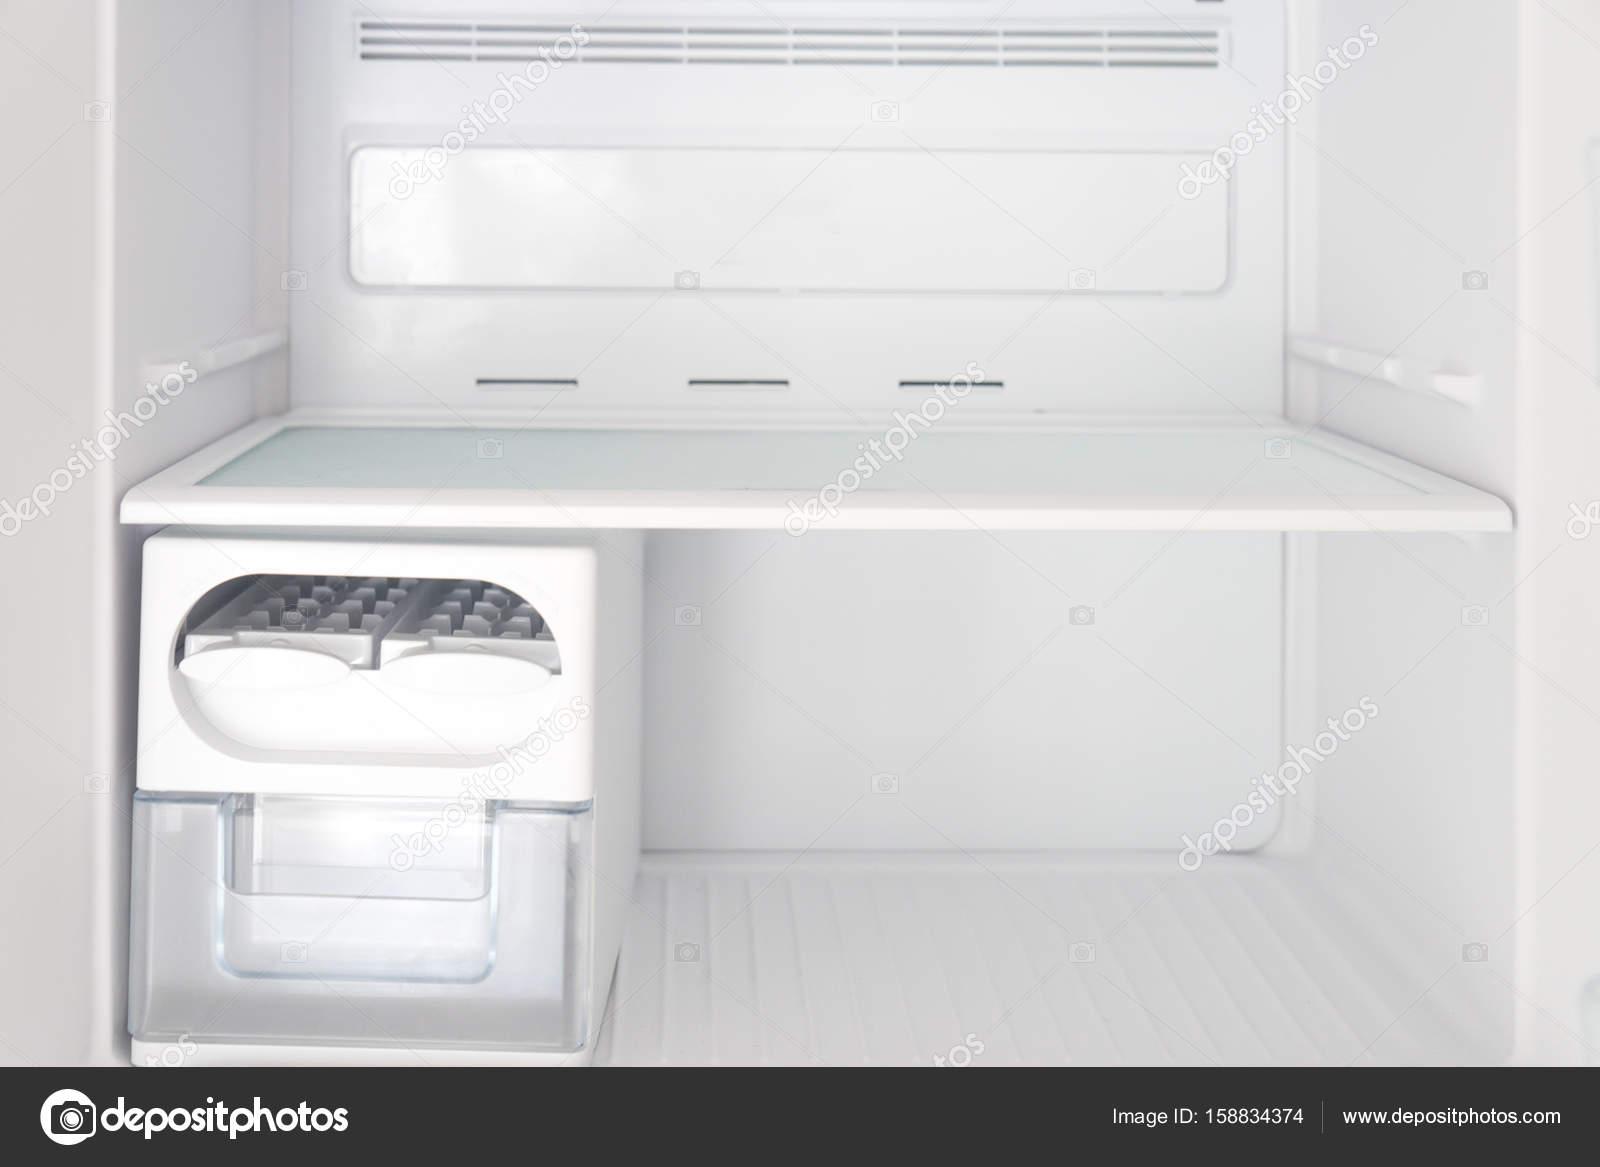 Smeg Kühlschrank Gewicht : Kühlschrank gewicht brb g ww die kühl gefrierkombination